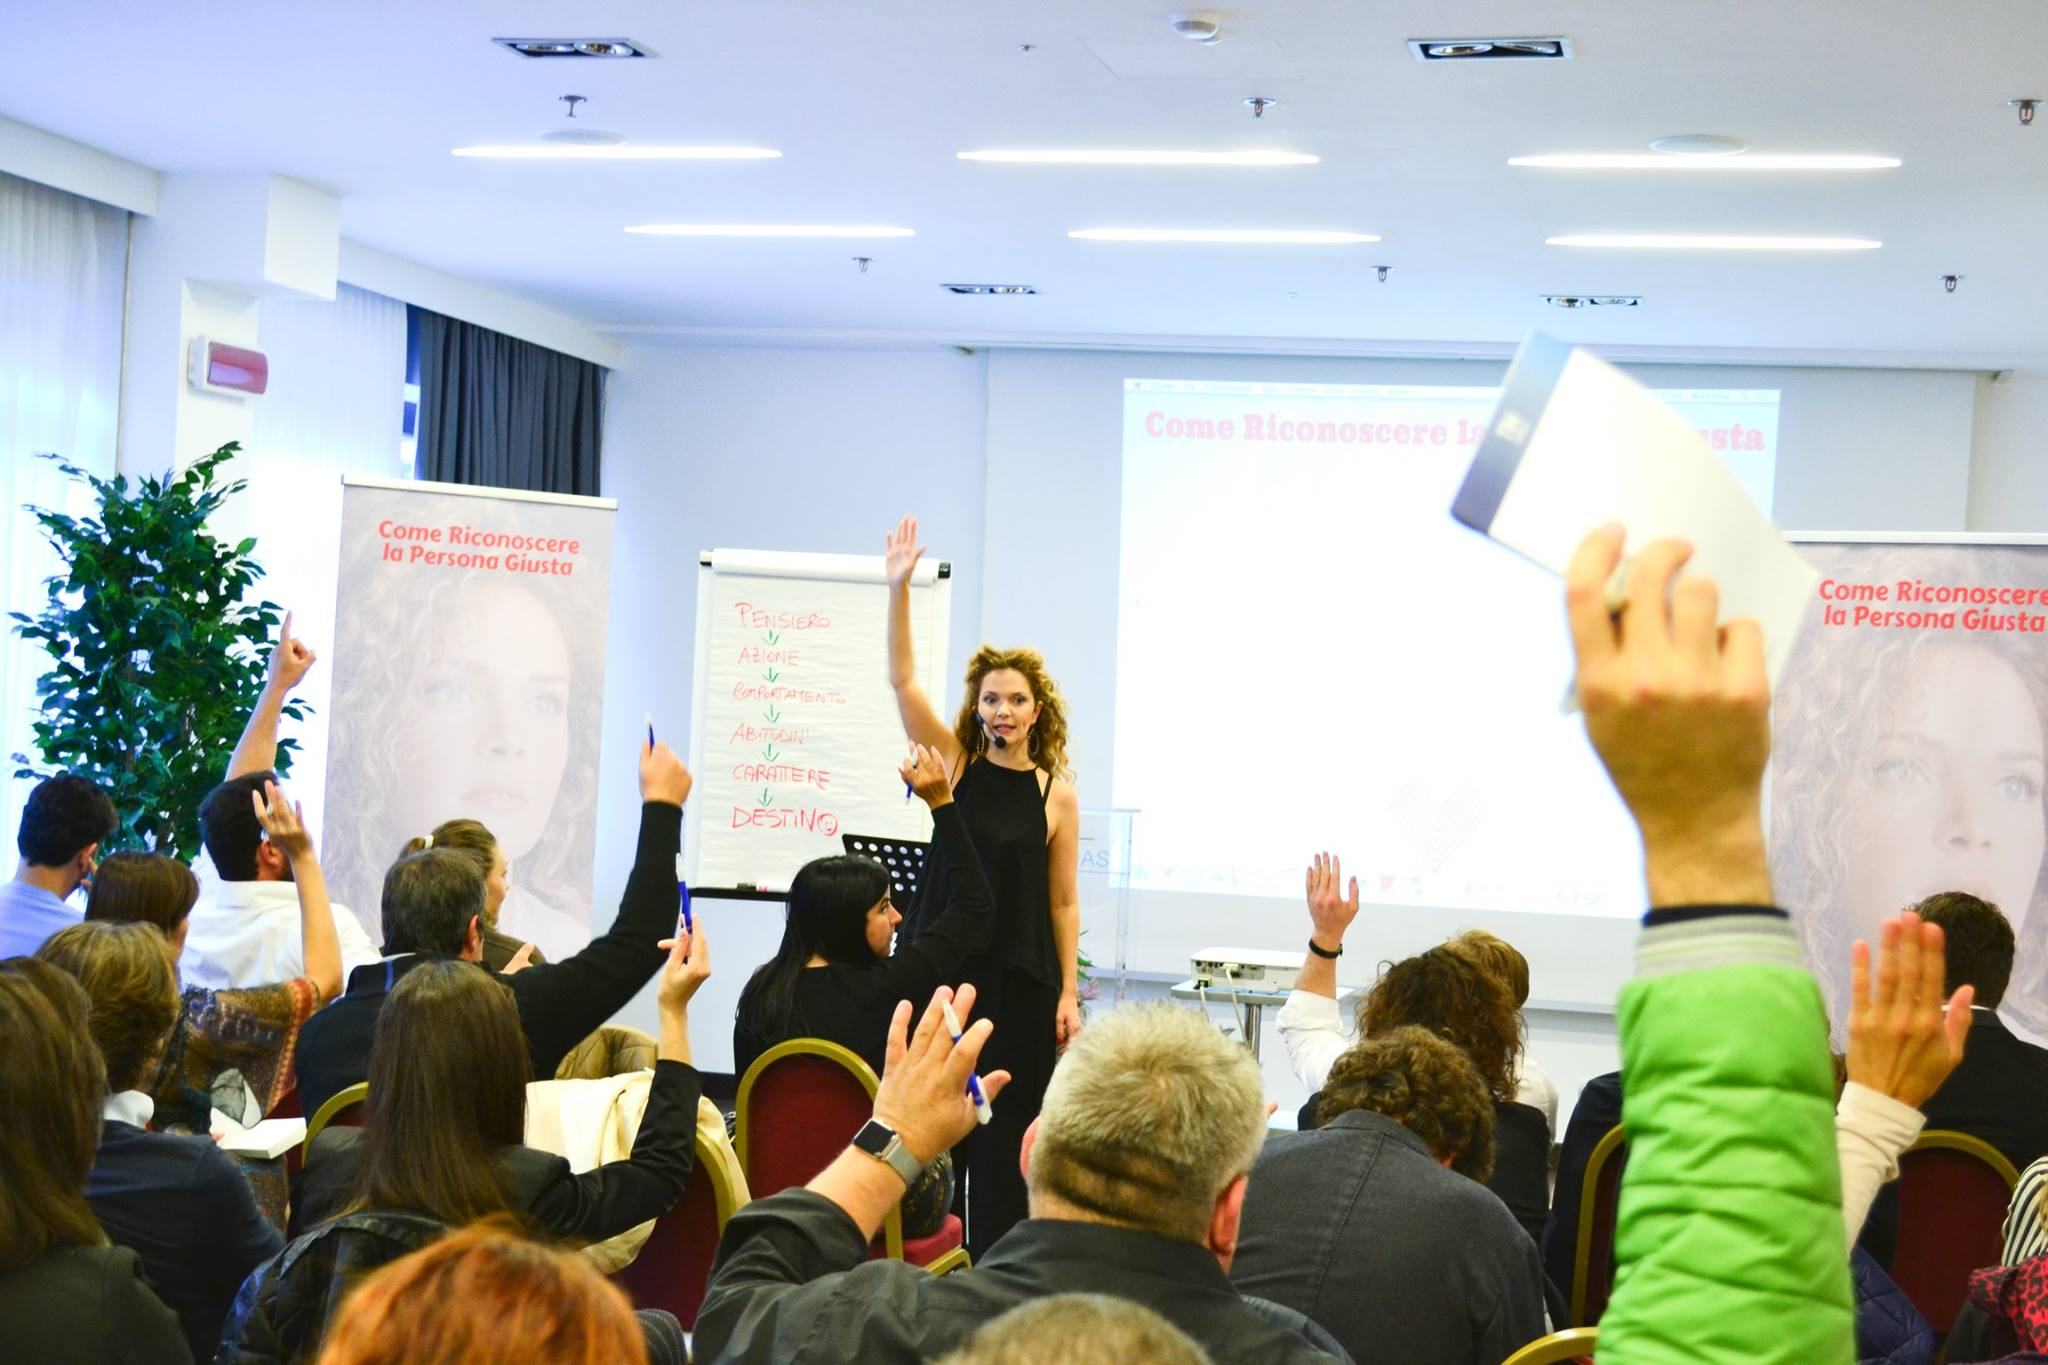 Giovanna-De-Maio-Workshop-Come-Riconoscere-la-Persona-Giusta-Roma-31